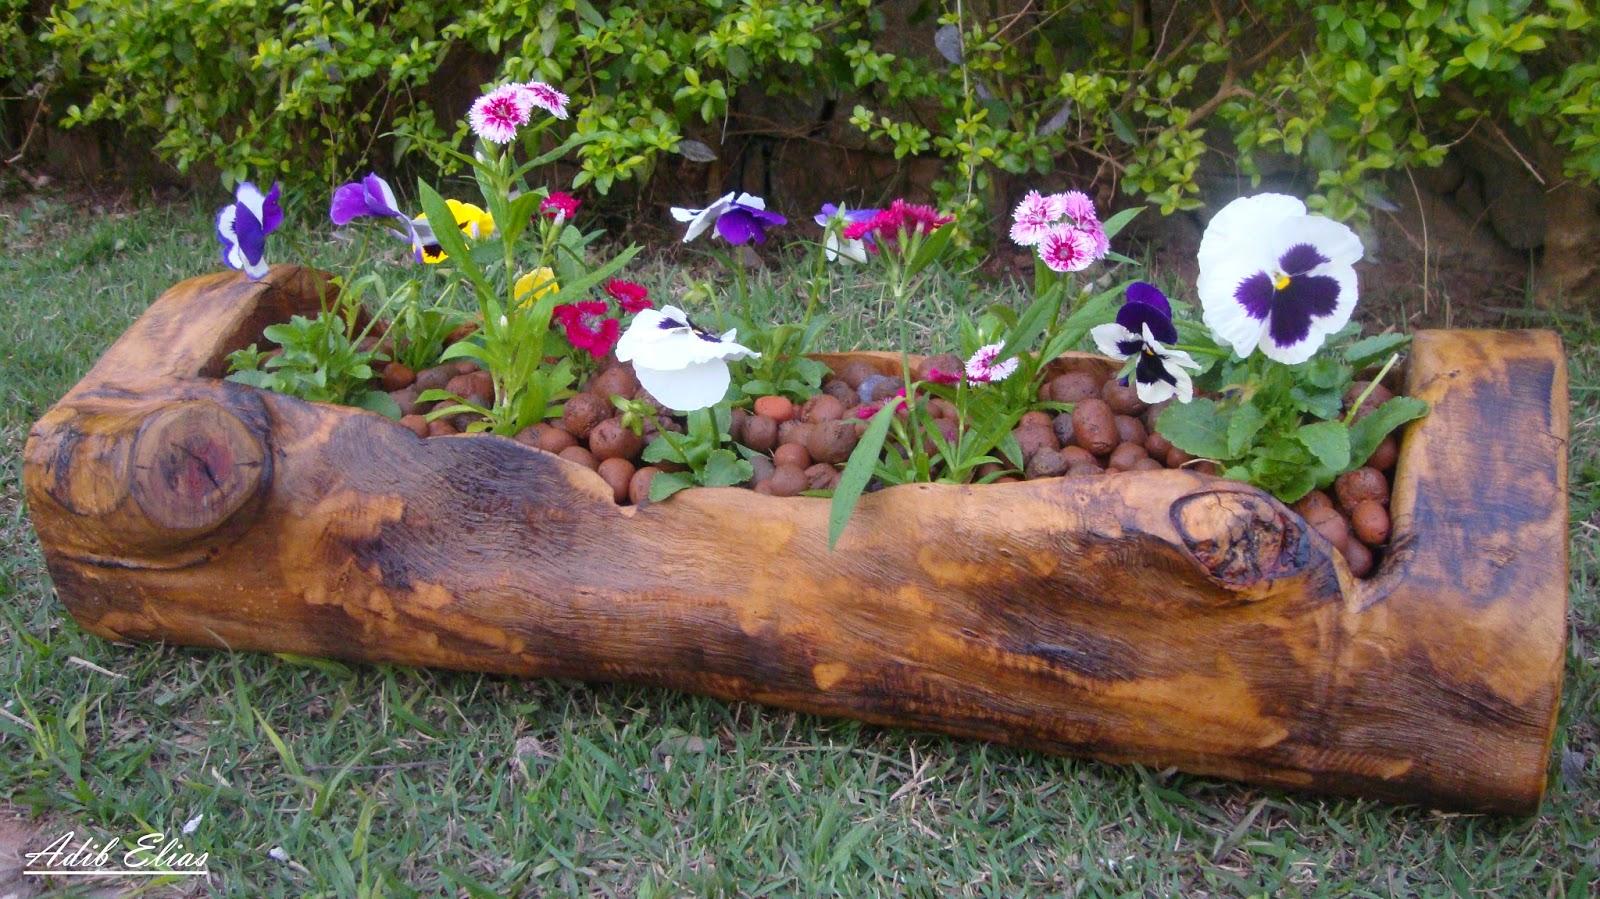 Troncos e raizes: Floreiras em troncos de madeira reciclada #936138 1600x899